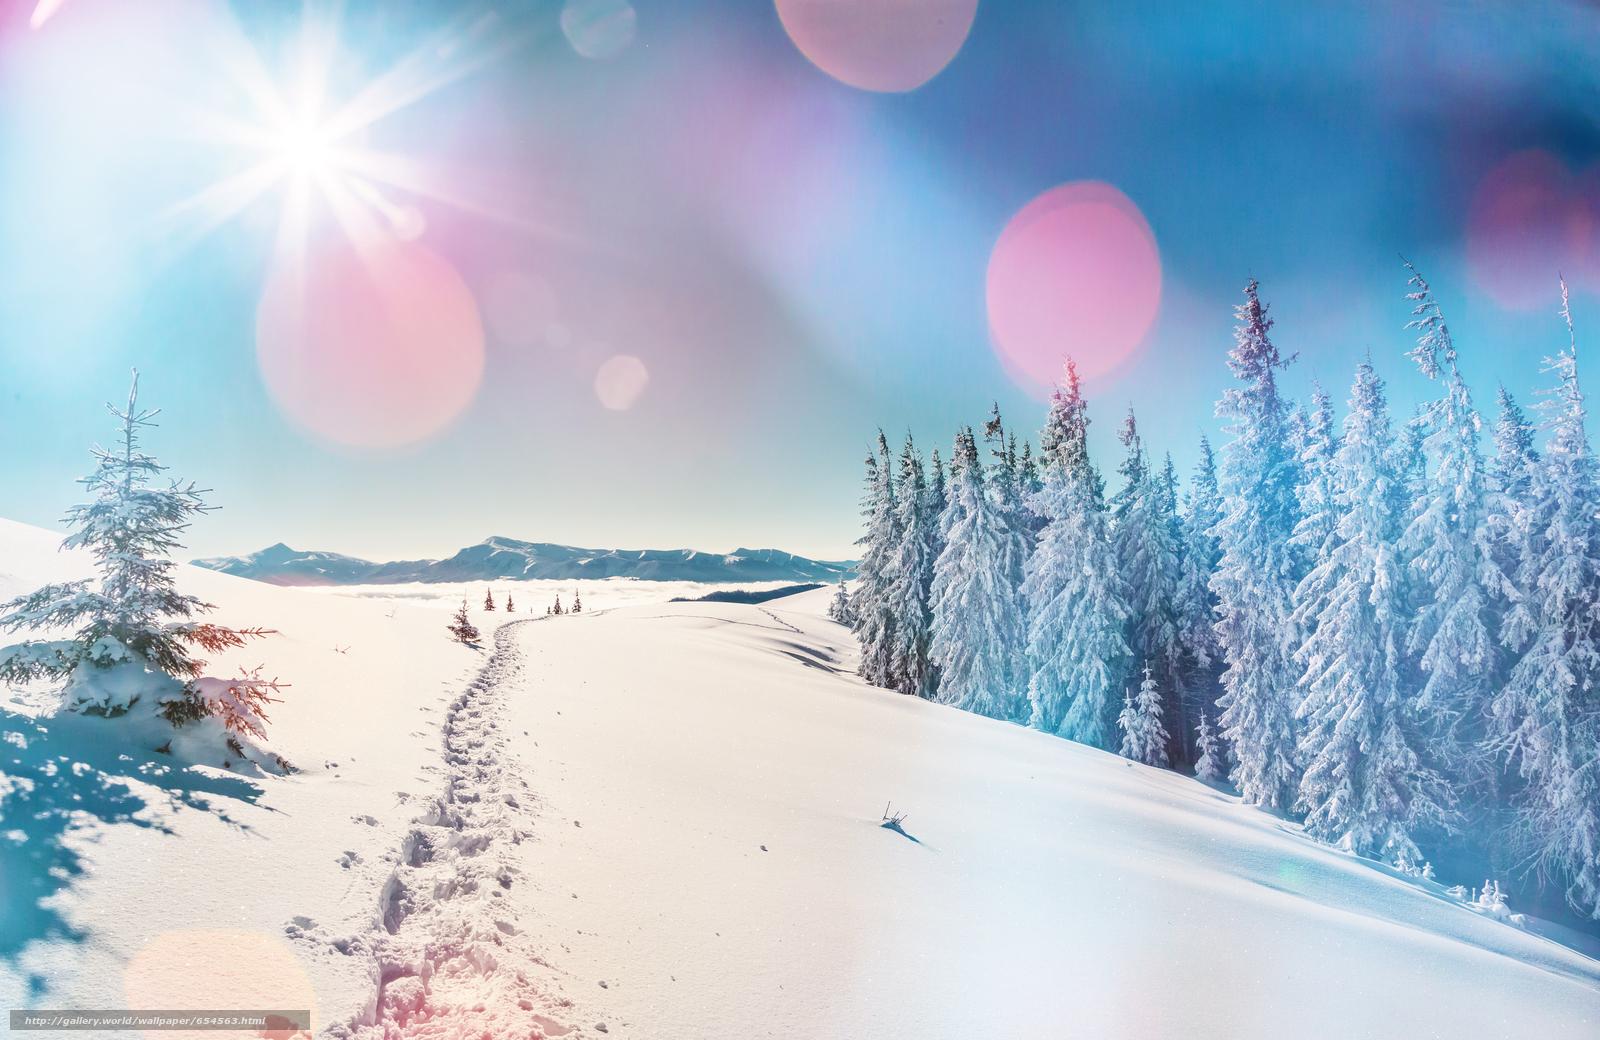 Скачать обои зима,  снег,  сугробы,  ели бесплатно для рабочего стола в разрешении 5600x3640 — картинка №654563